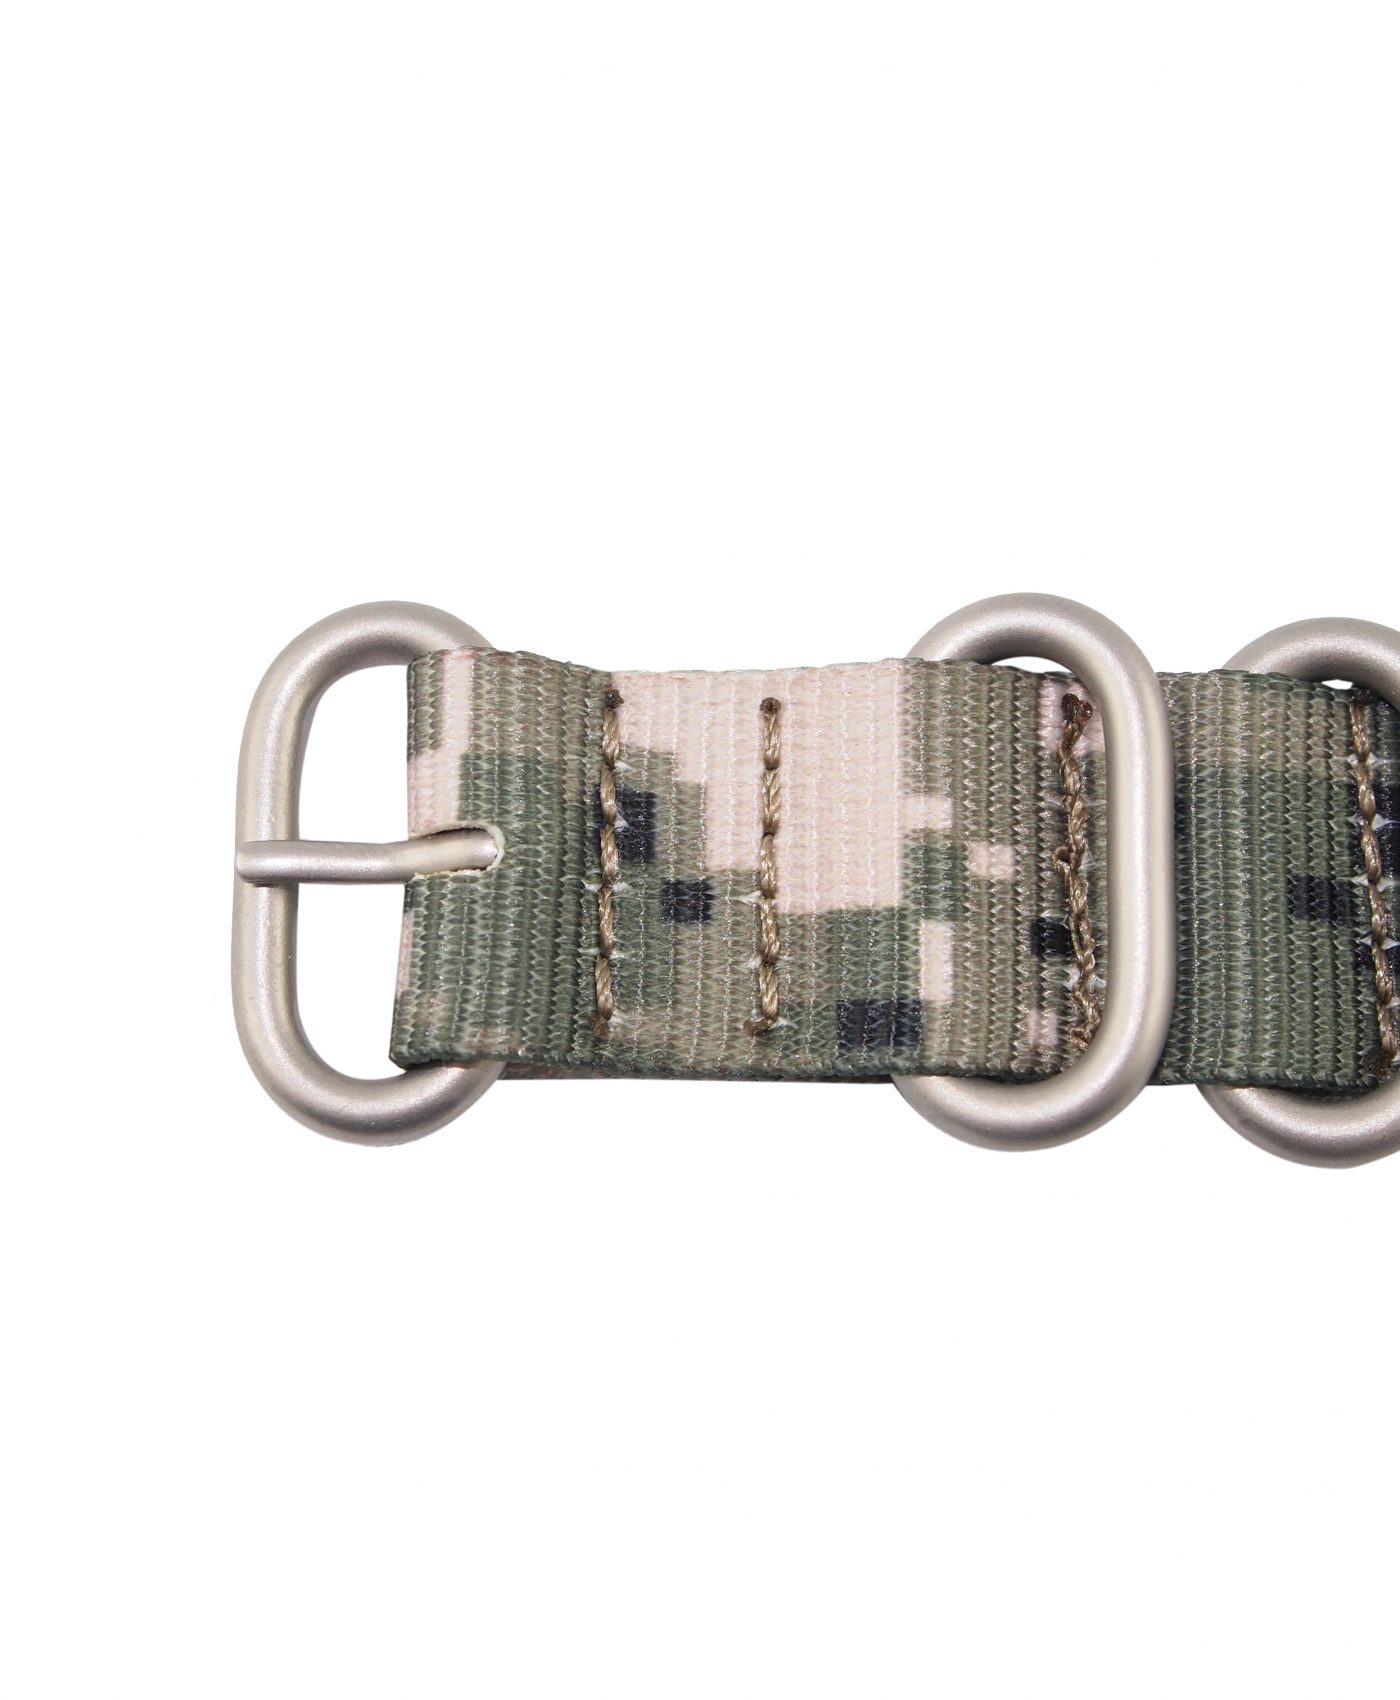 ZULU-Strap-Camo-6-Brushed-Steel-by-WatchBandit